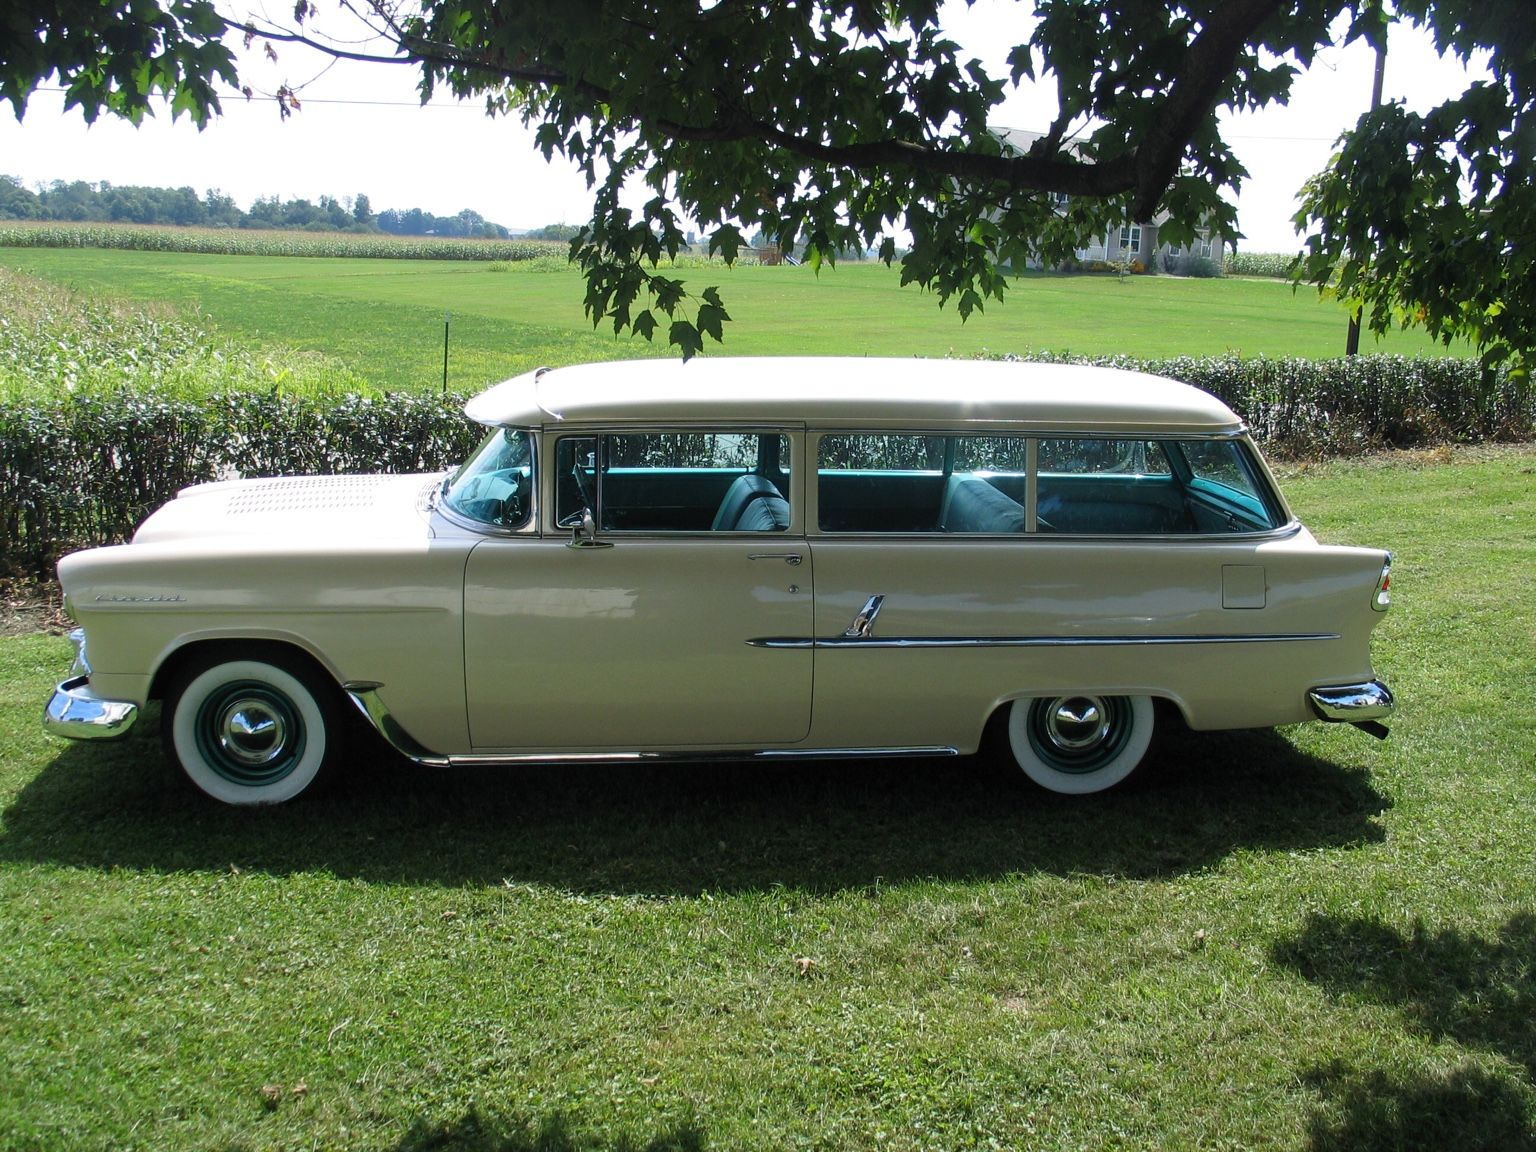 55 210 Handyman Wagon 1955 Chevrolet Chevrolet Woody Wagon